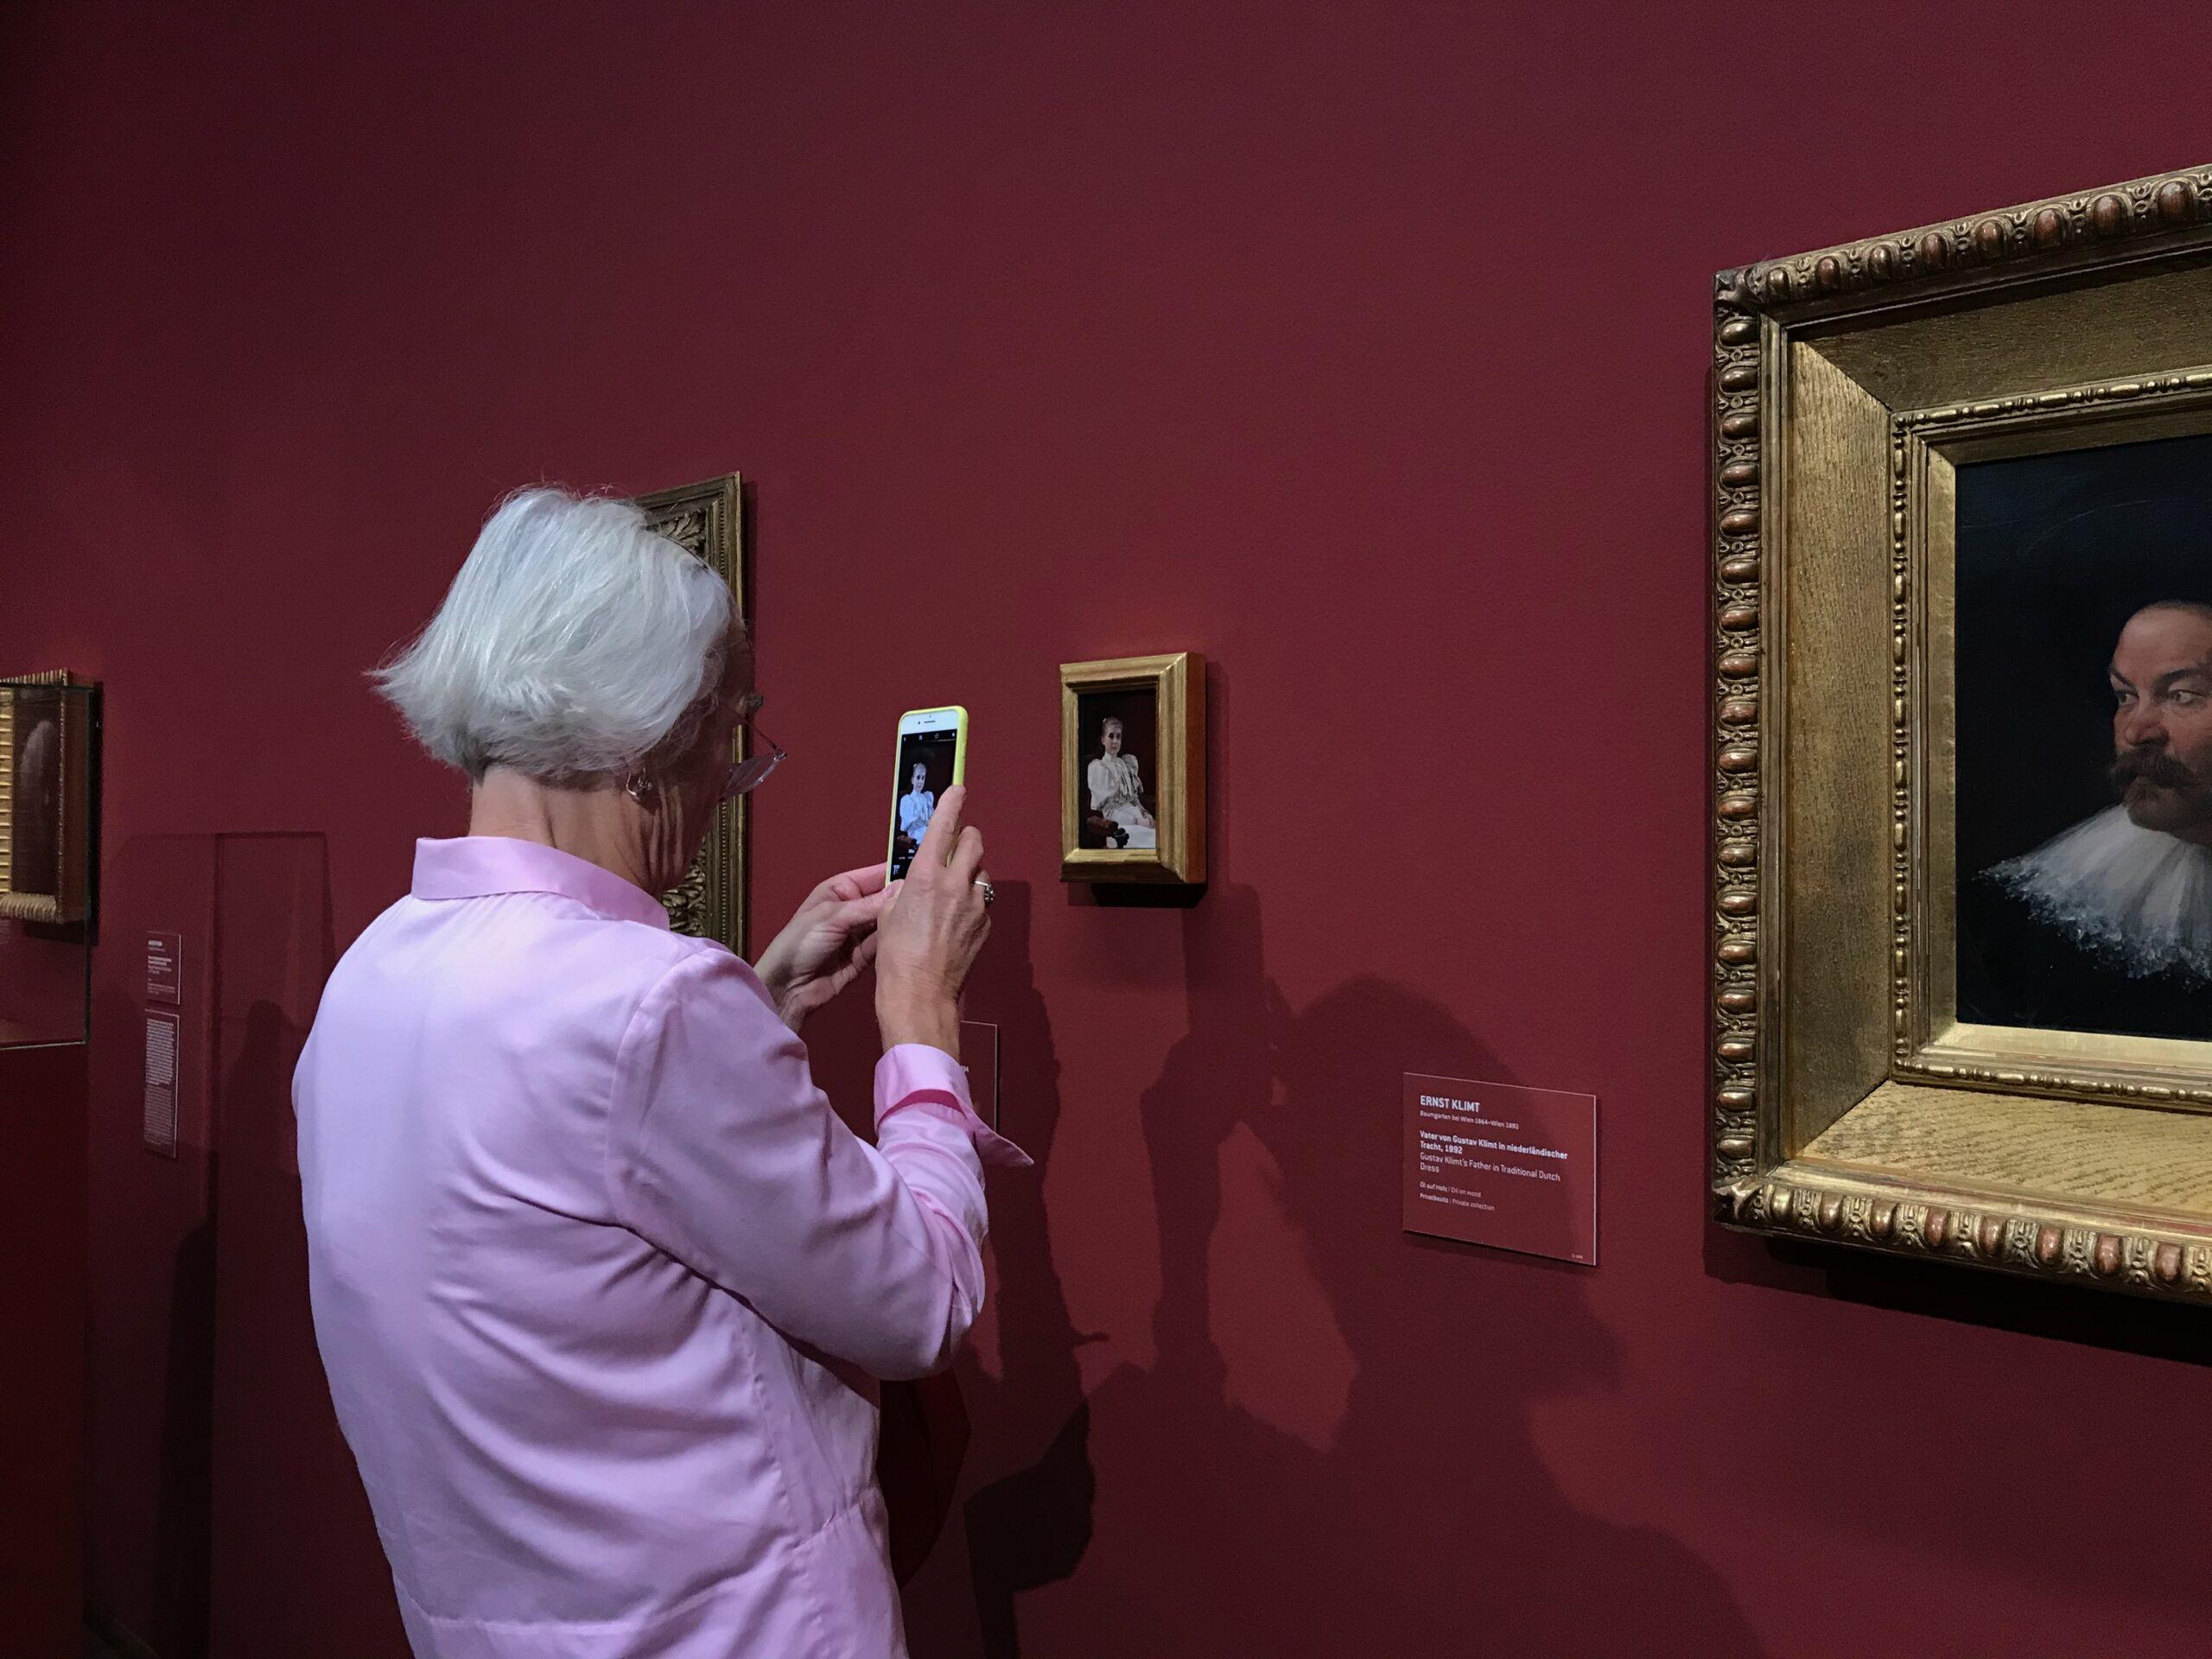 Na imagem vê-se uma mulher a tirar uma foto com o seu smartphone a uma pintura num museu